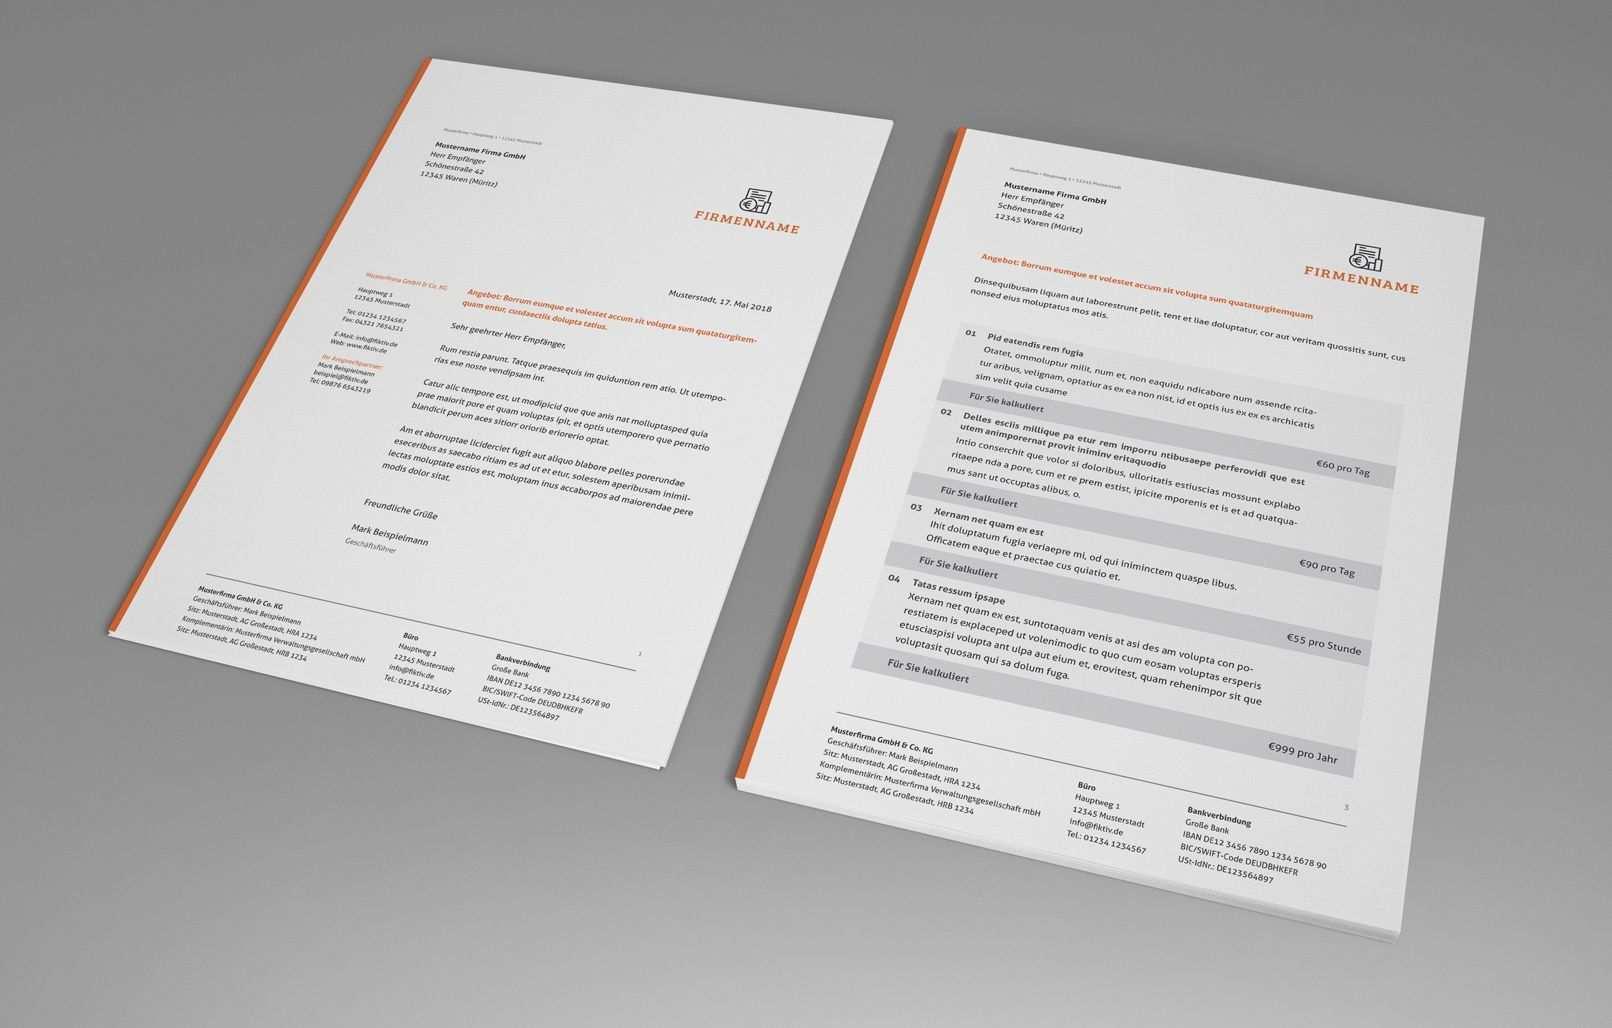 Rechnungsvorlagen Lieferscheine Angebote Muster Herunterladen Angebot Muster Rechnungsvorlage Rechnung Vorlage